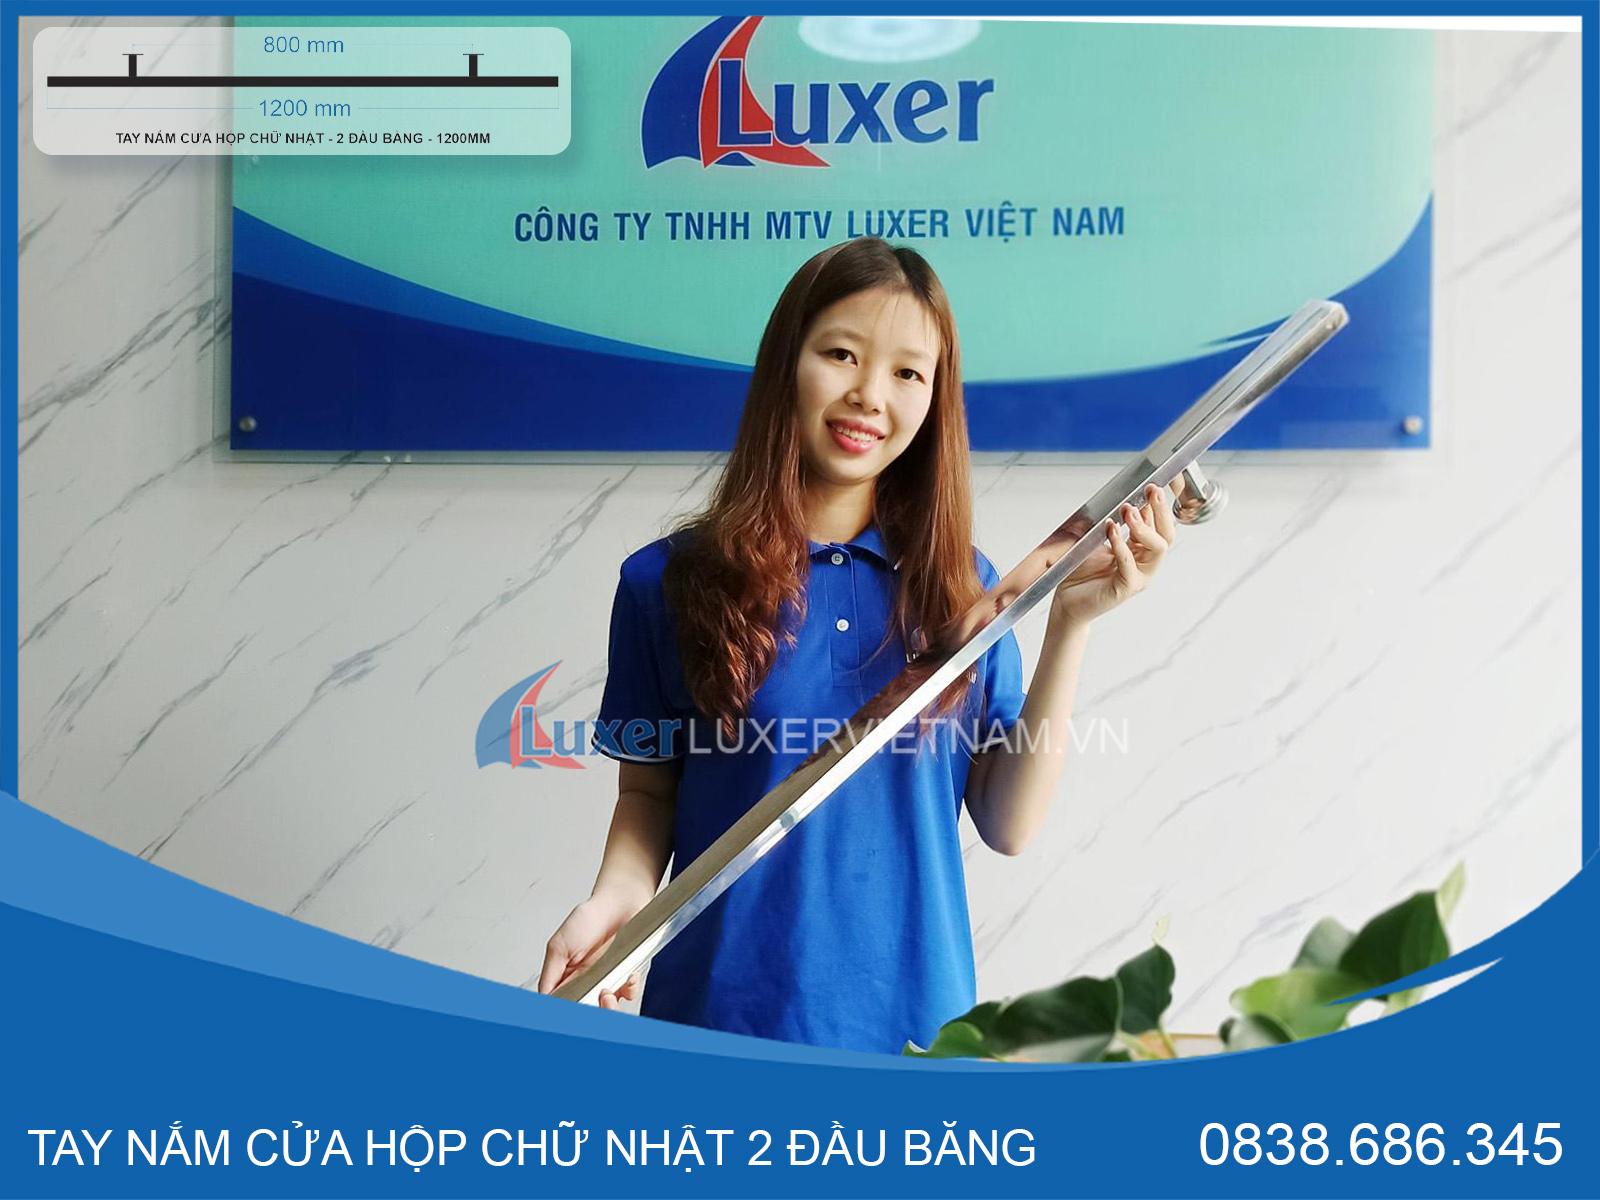 Hộp chữ nhật 2 đầu bằng 1200mm - Inox Trắng - Luxer